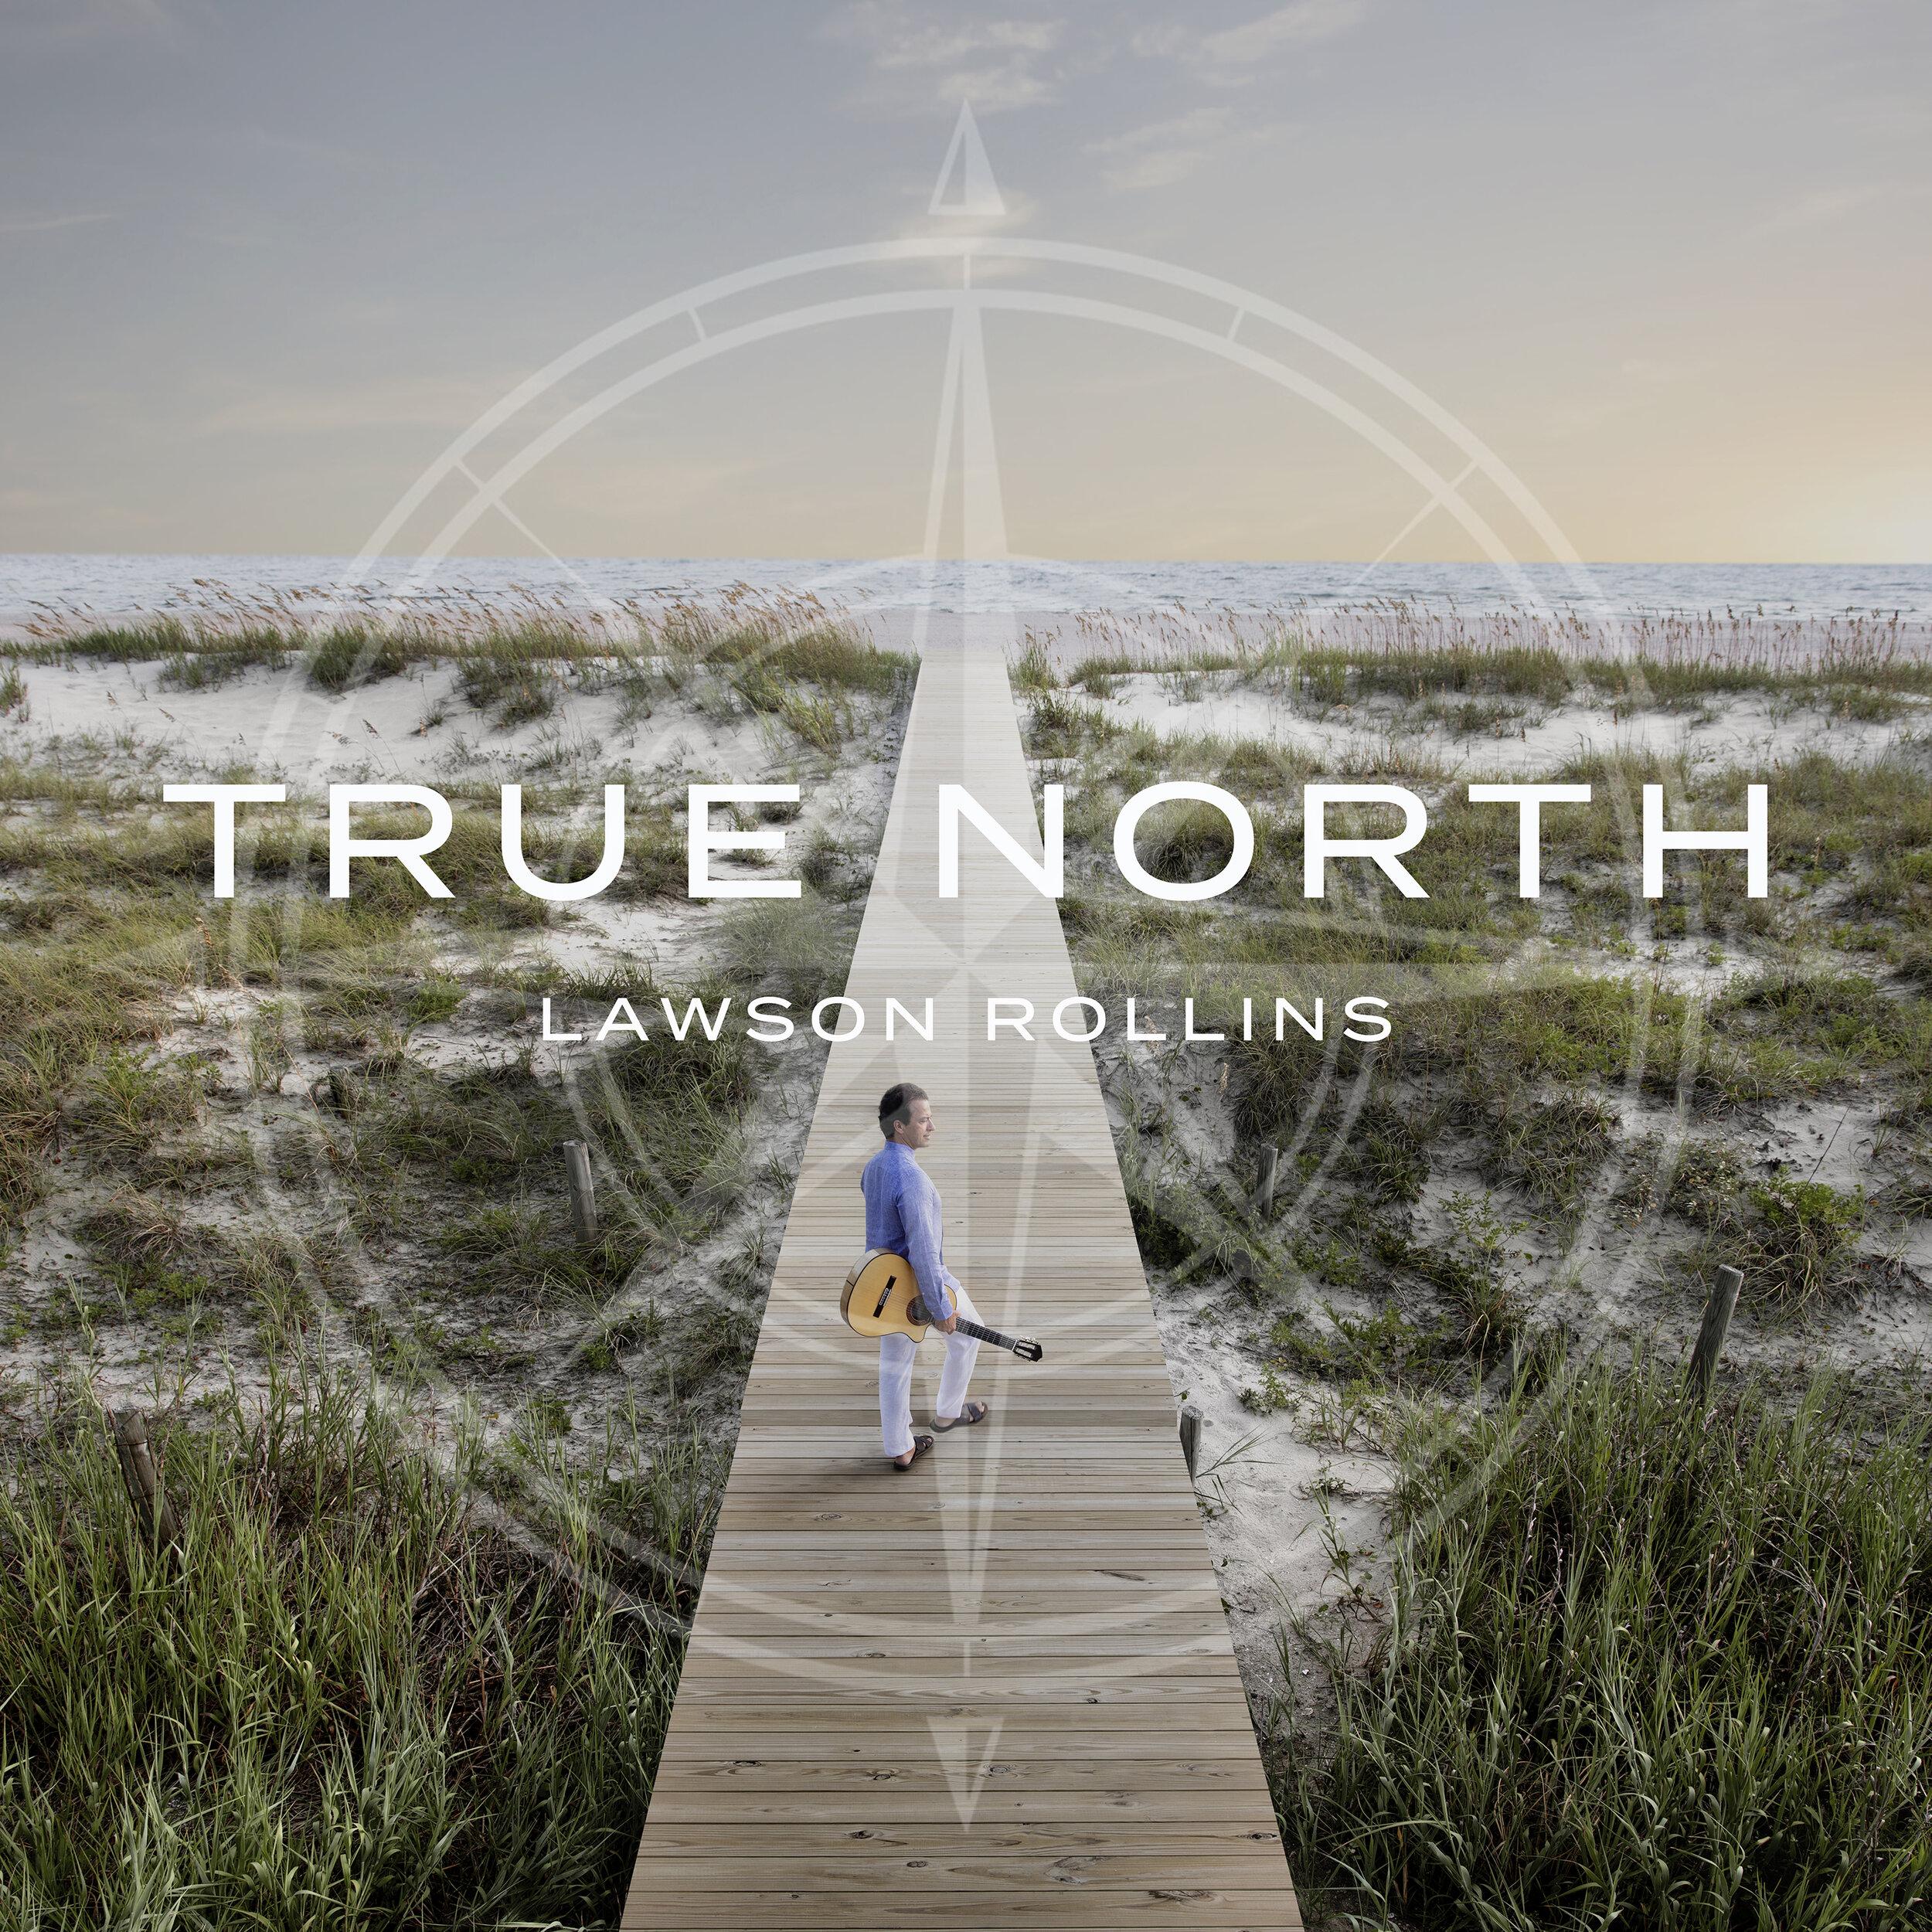 TRUENORTH.jpg